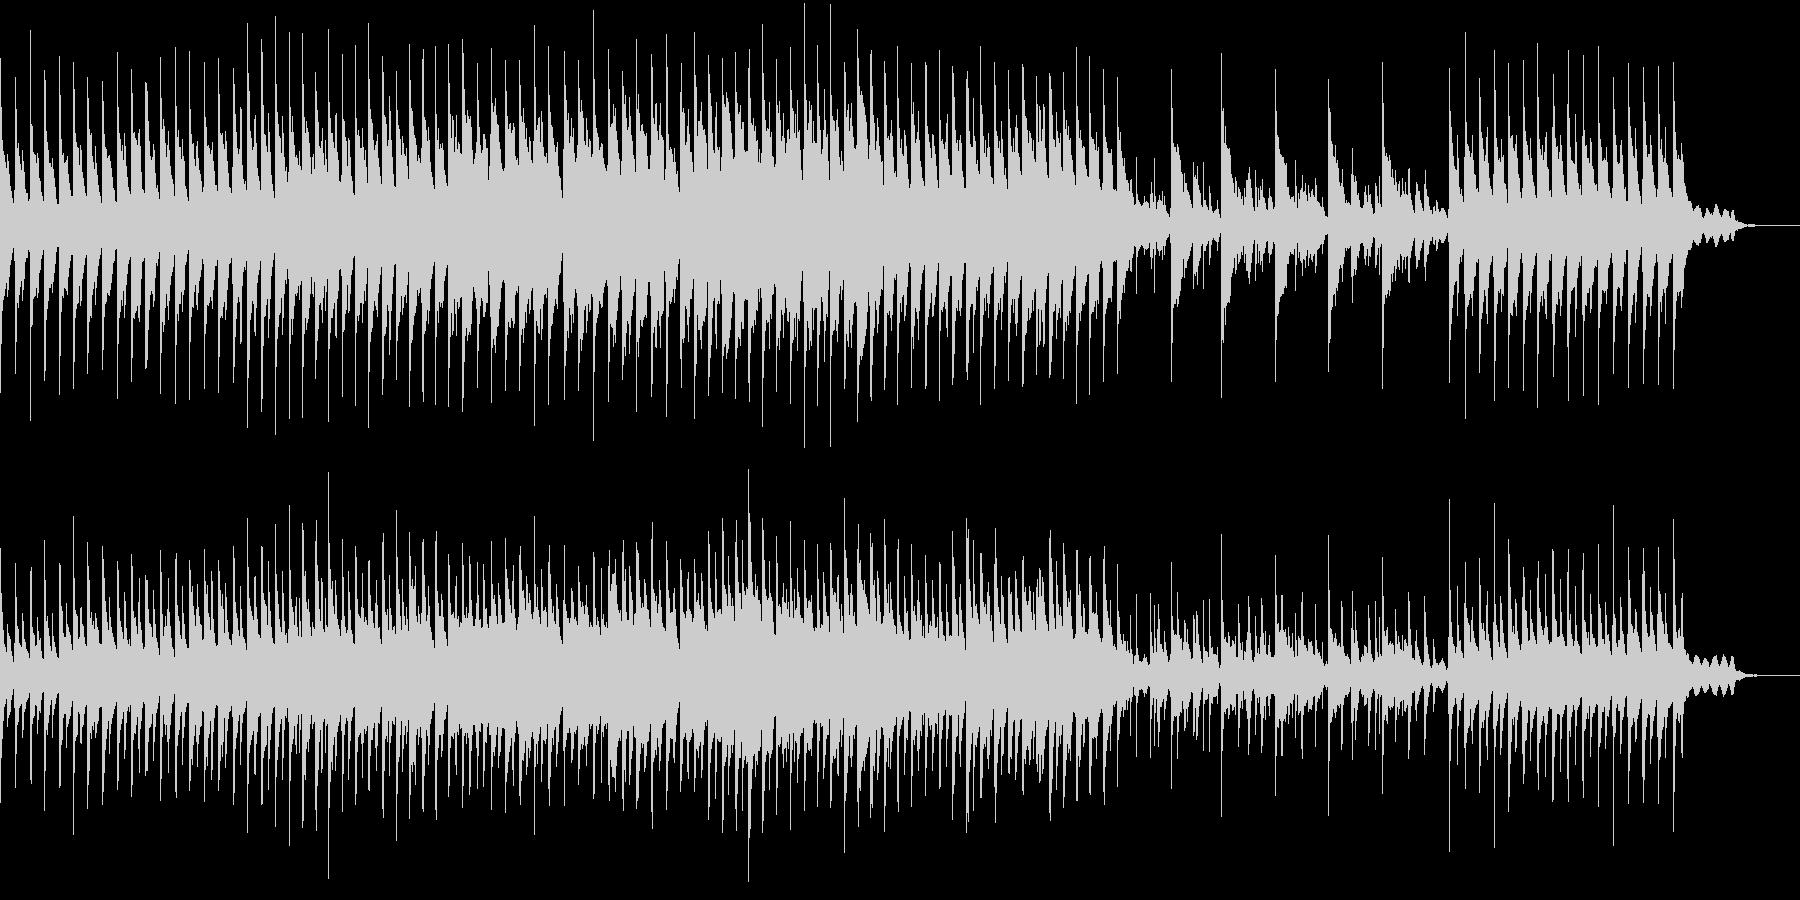 古代伝承を語るイメージのサウンドトラックの未再生の波形